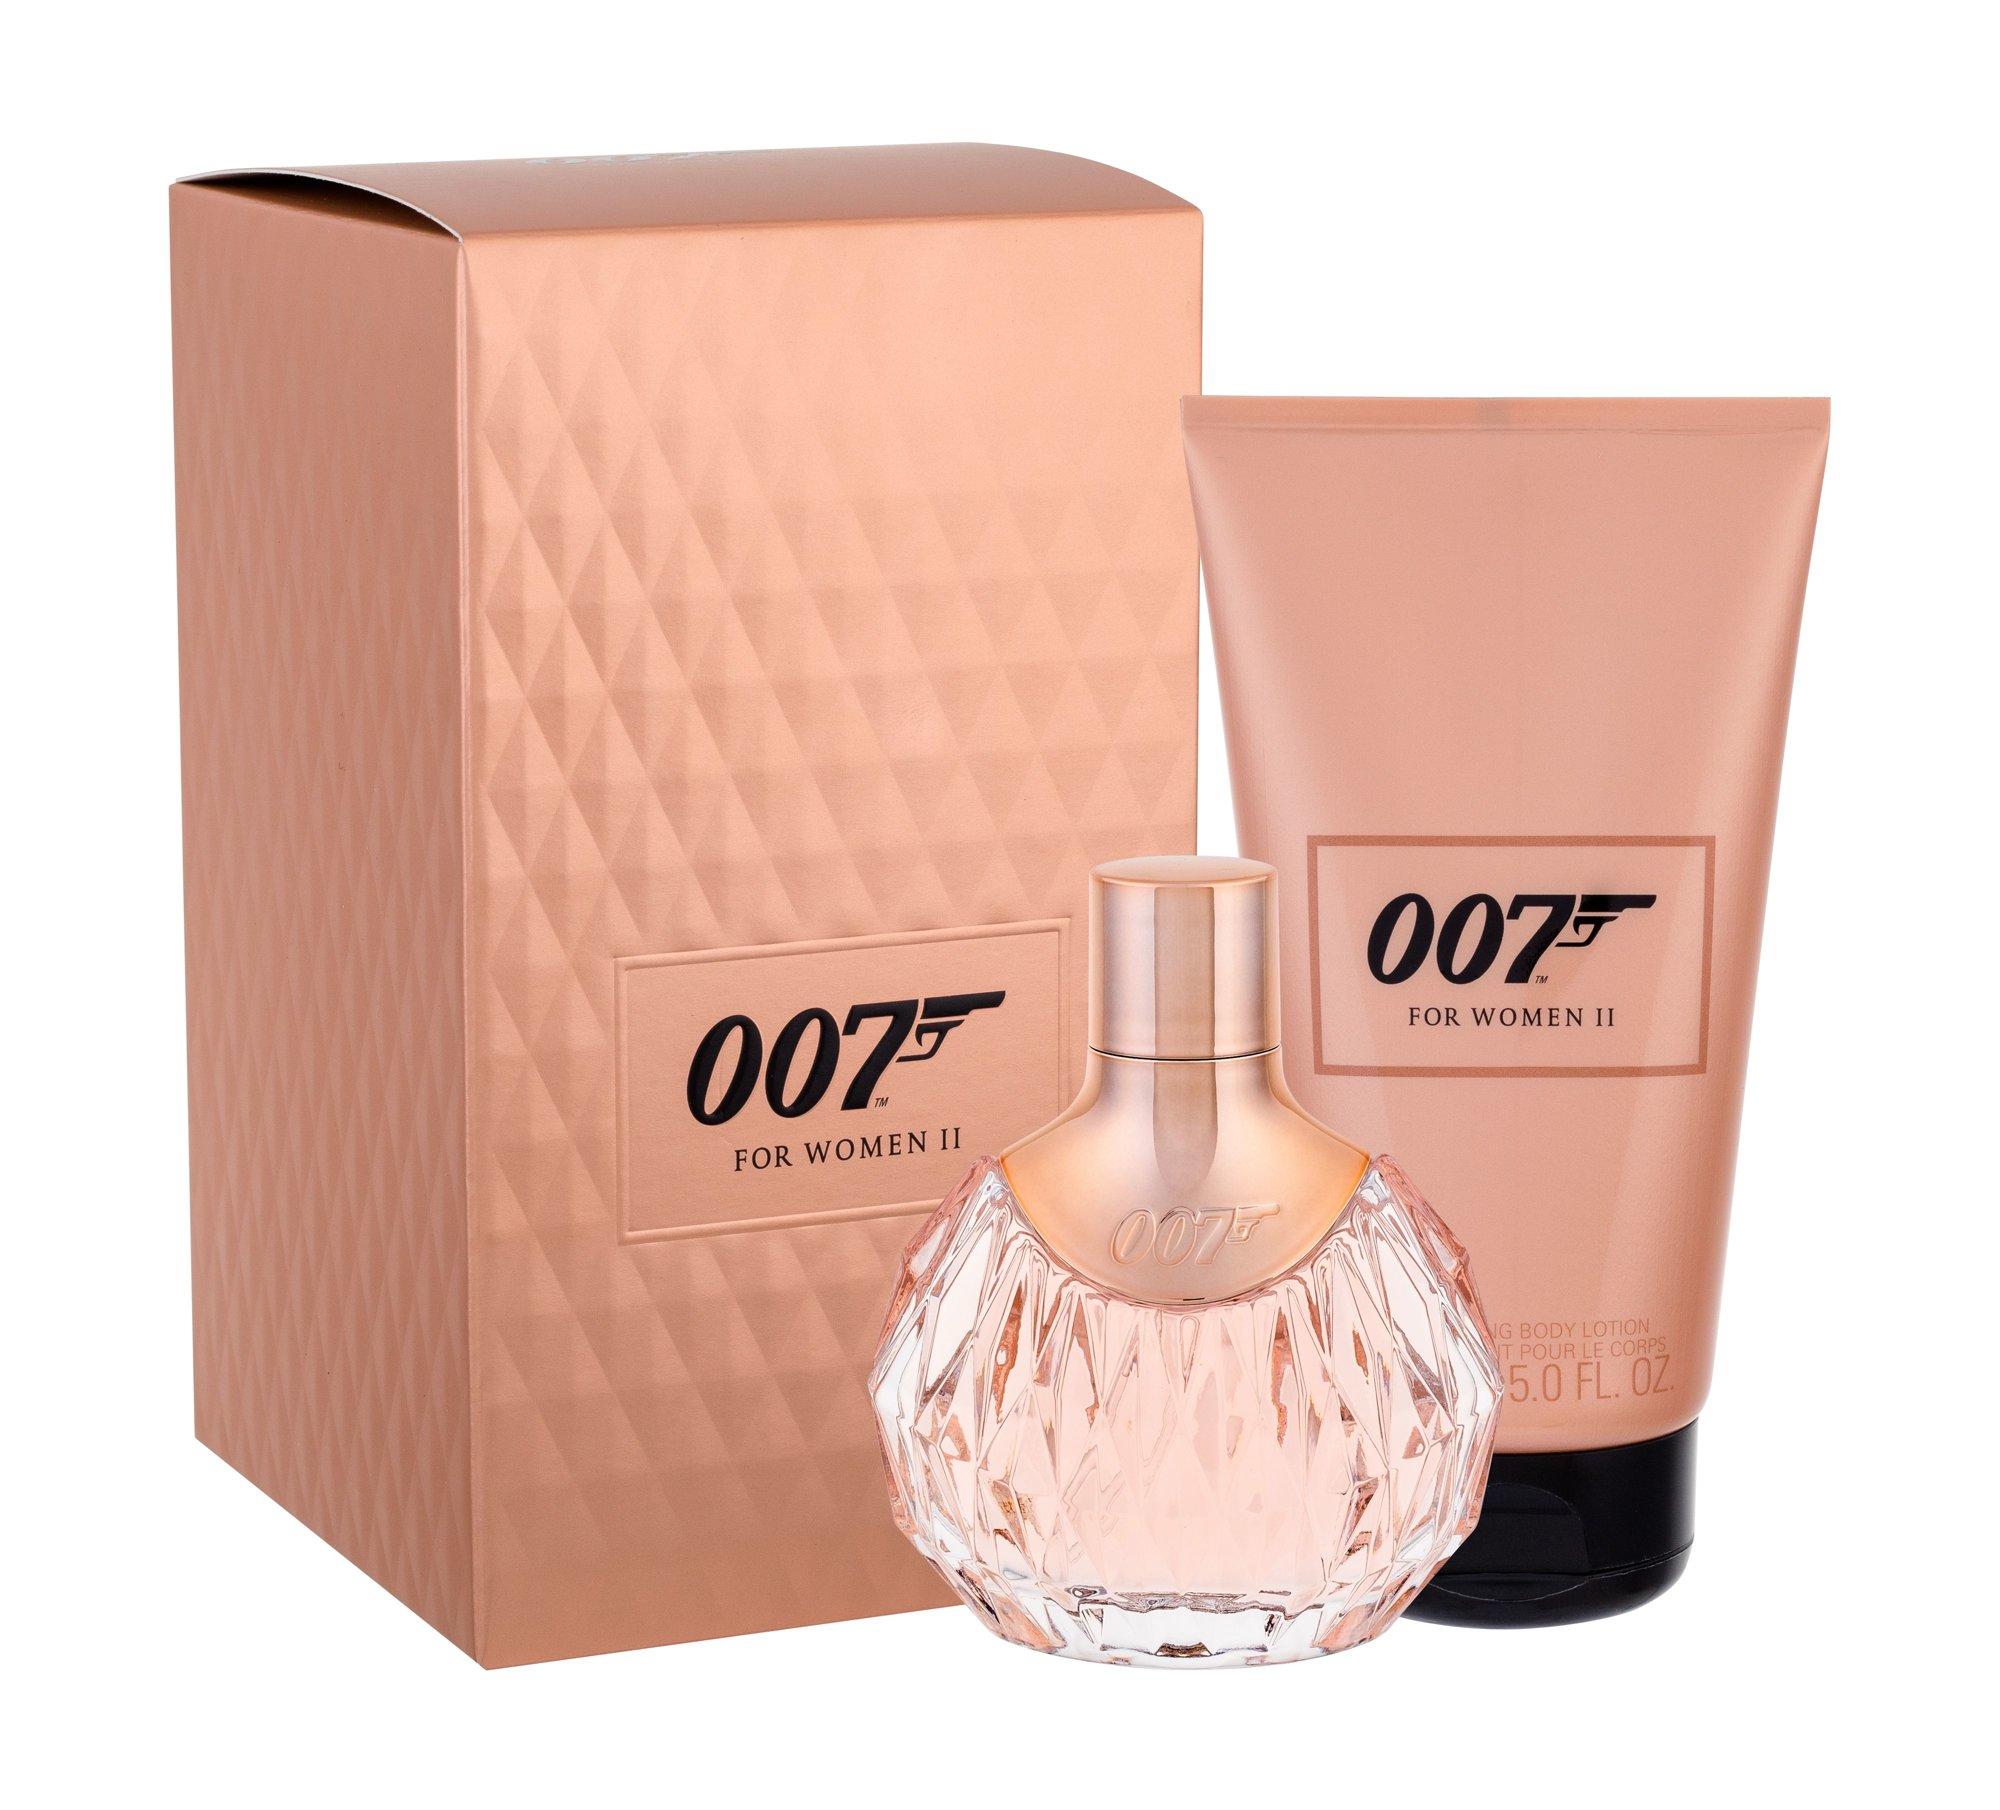 James Bond 007 James Bond 007 Eau de Parfum 50ml  For Women II